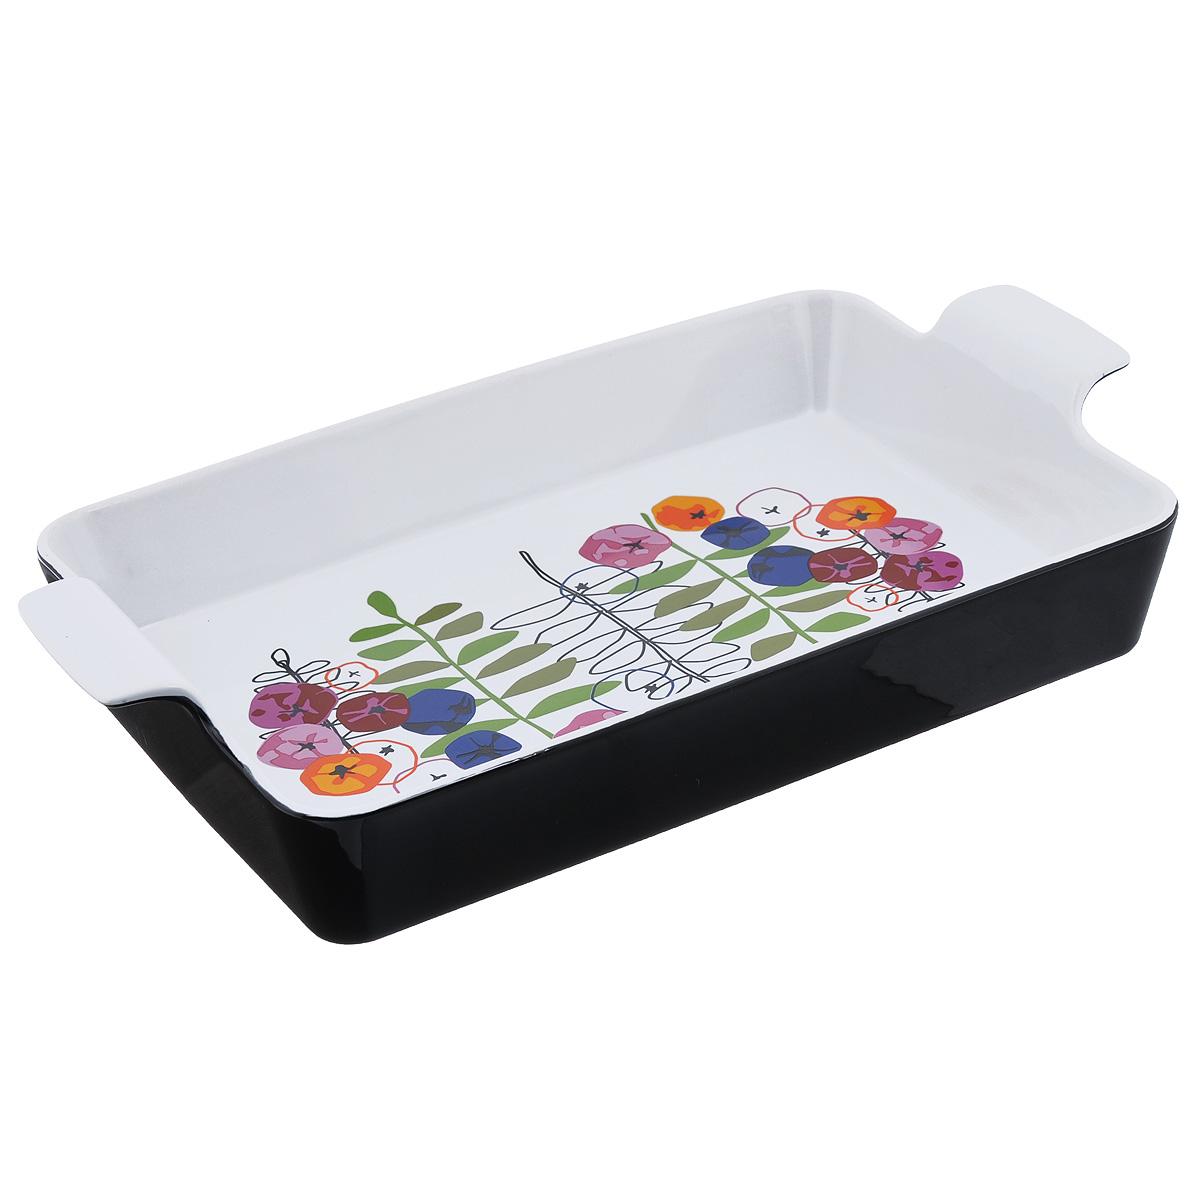 Блюдо для запекания Sagaform Season, 32 см х 22 см5015822Блюдо для запекания Sagaform Season изготовлено из высококачественной жаропрочной керамики, покрытой глазурью. Дно изделия оформлено красочным дизайнерским рисунком. Основным достоинством керамической посуды является ее абсолютная экологичность. Другим достоинством керамики является ее способность отдавать влагу продуктам во время их приготовления, что объясняется ее пористой структурой. Блюда, приготовленные в керамической посуде, пропекаются равномерно, сохраняют витамины и полезные вещества, а также отличаются отменным вкусом и ароматом. Посуда пригодна для использования в духовом шкафу. Можно мыть в посудомоечной машине. Внутренний размер блюда: 32 см х 22 см. Высота стенки: 6 см.